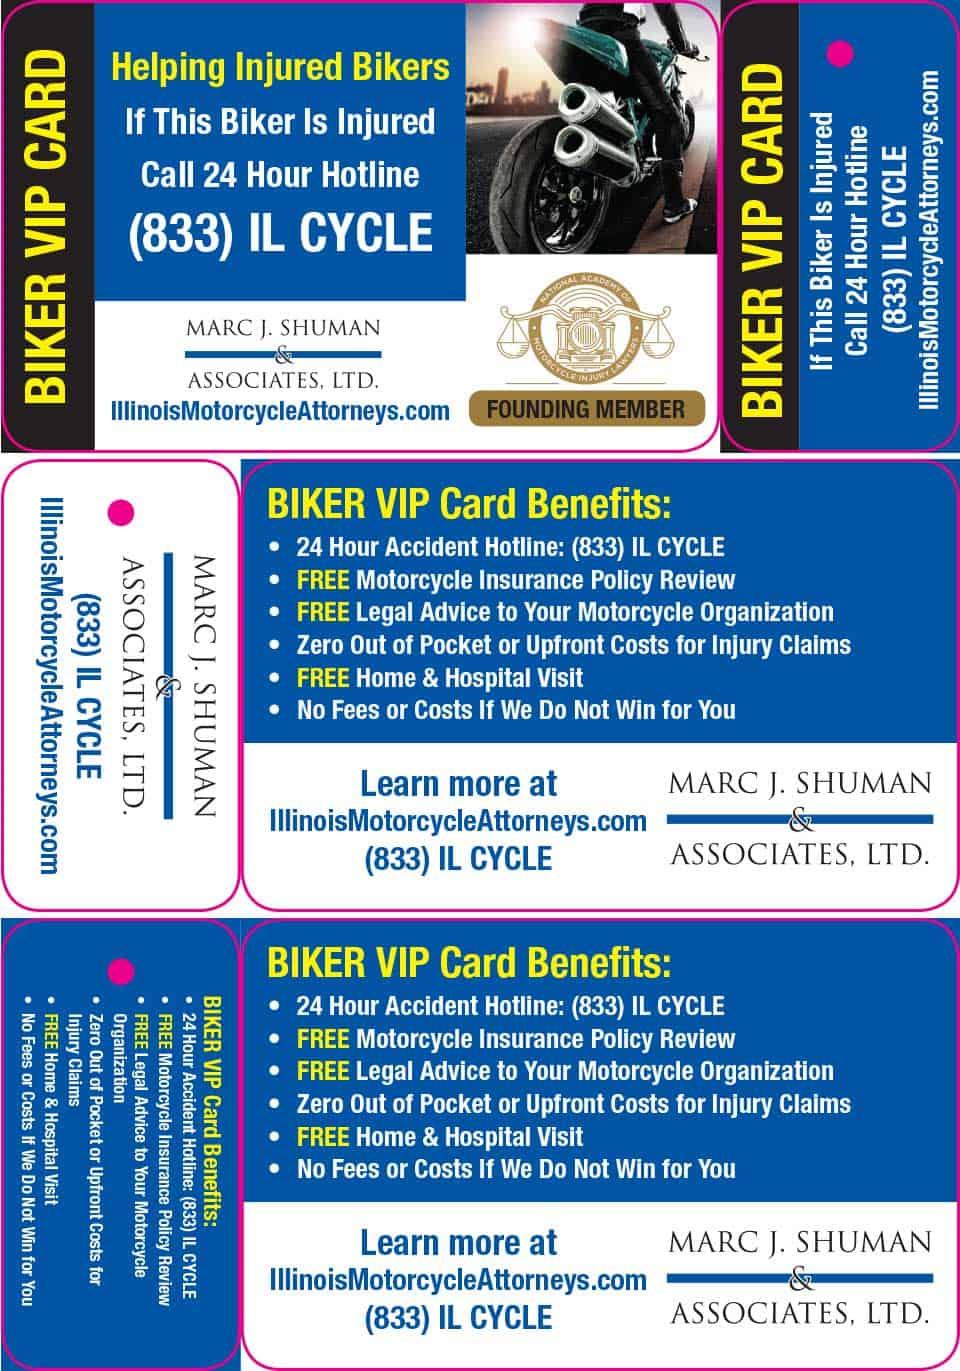 Biker VIP Card